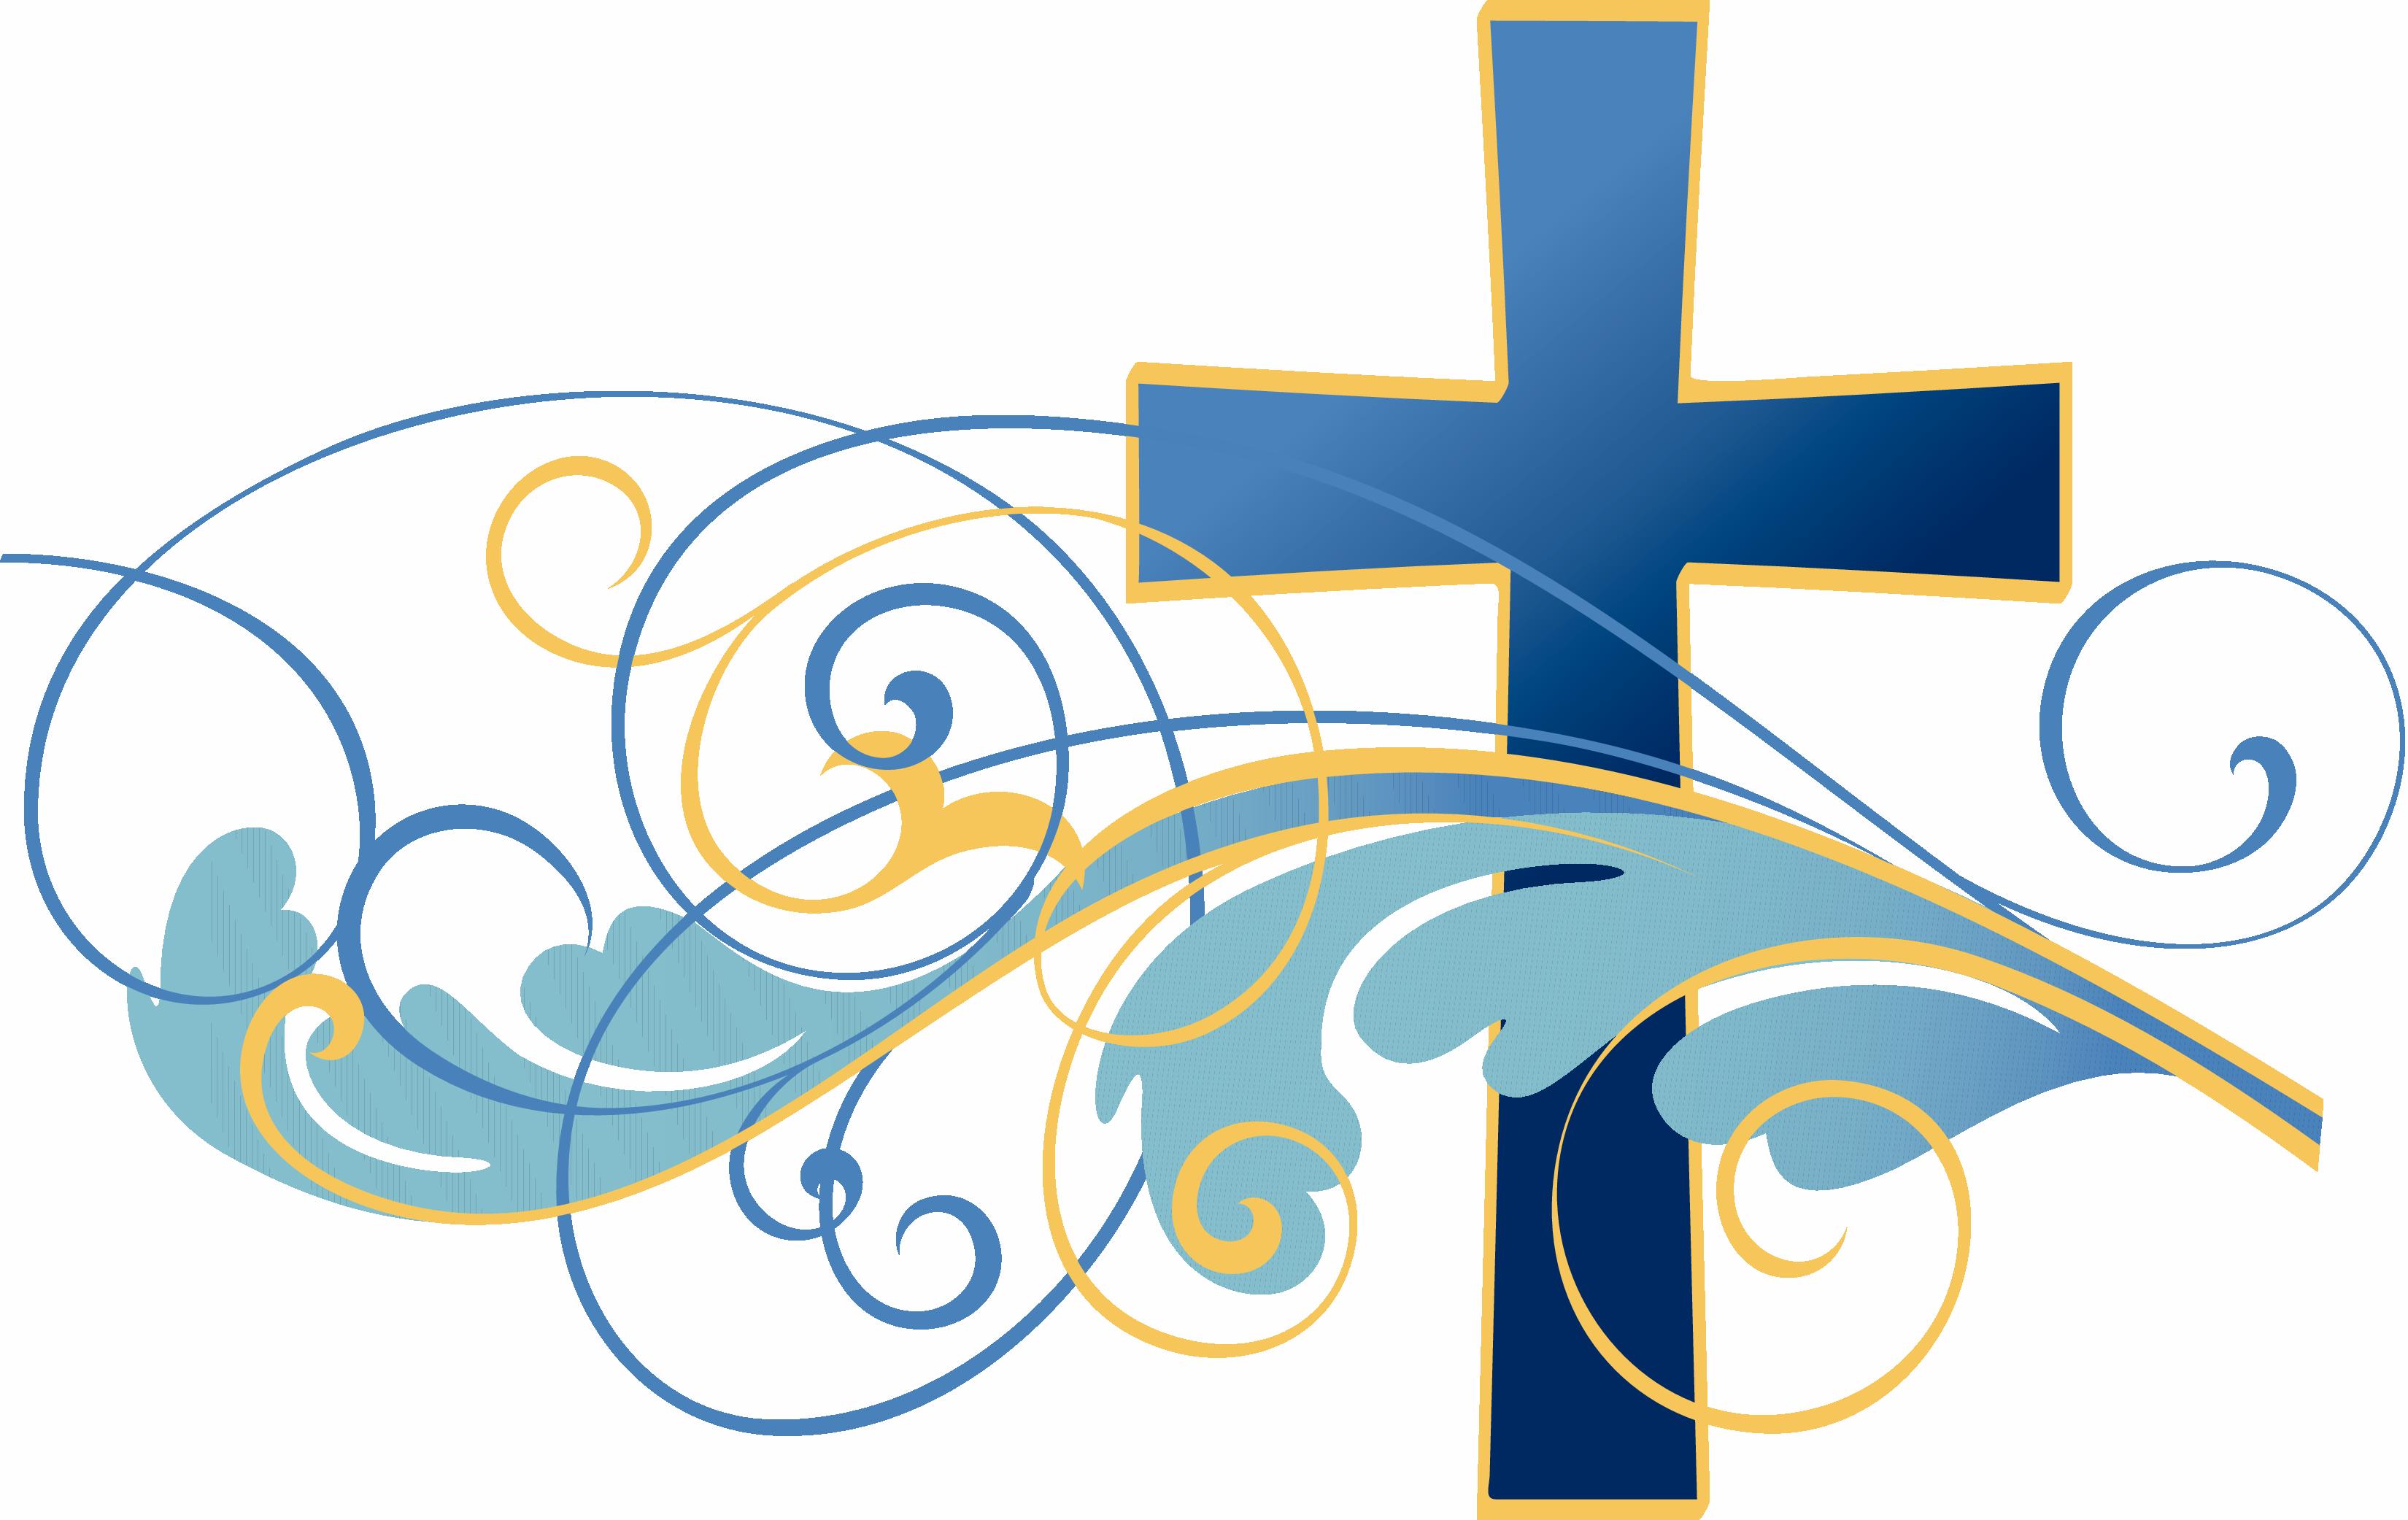 3300x2083 Free Religious Clipart